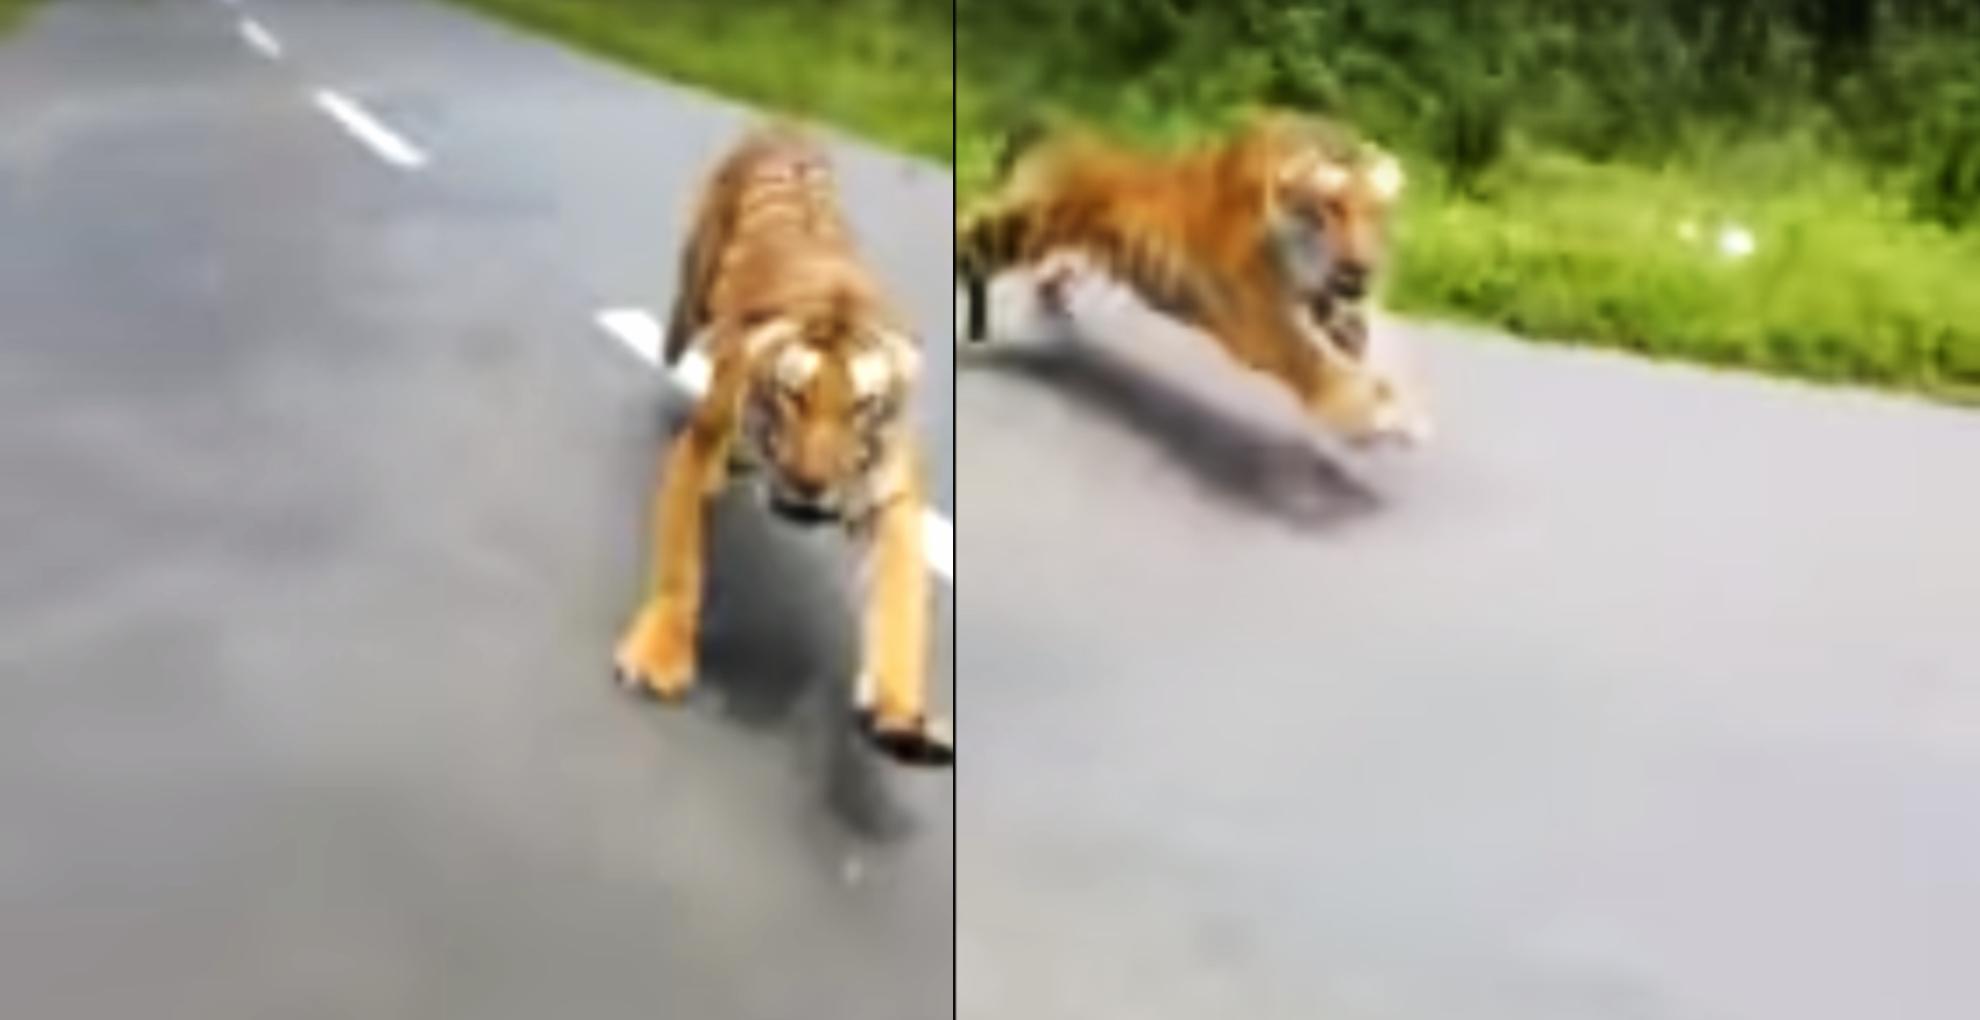 Viral Video: केरल के जंगल में दो बाइक सवार का पीछा करते नजर आया बाघ, देखिए रोंगटे खड़े करने वाला वीडियो